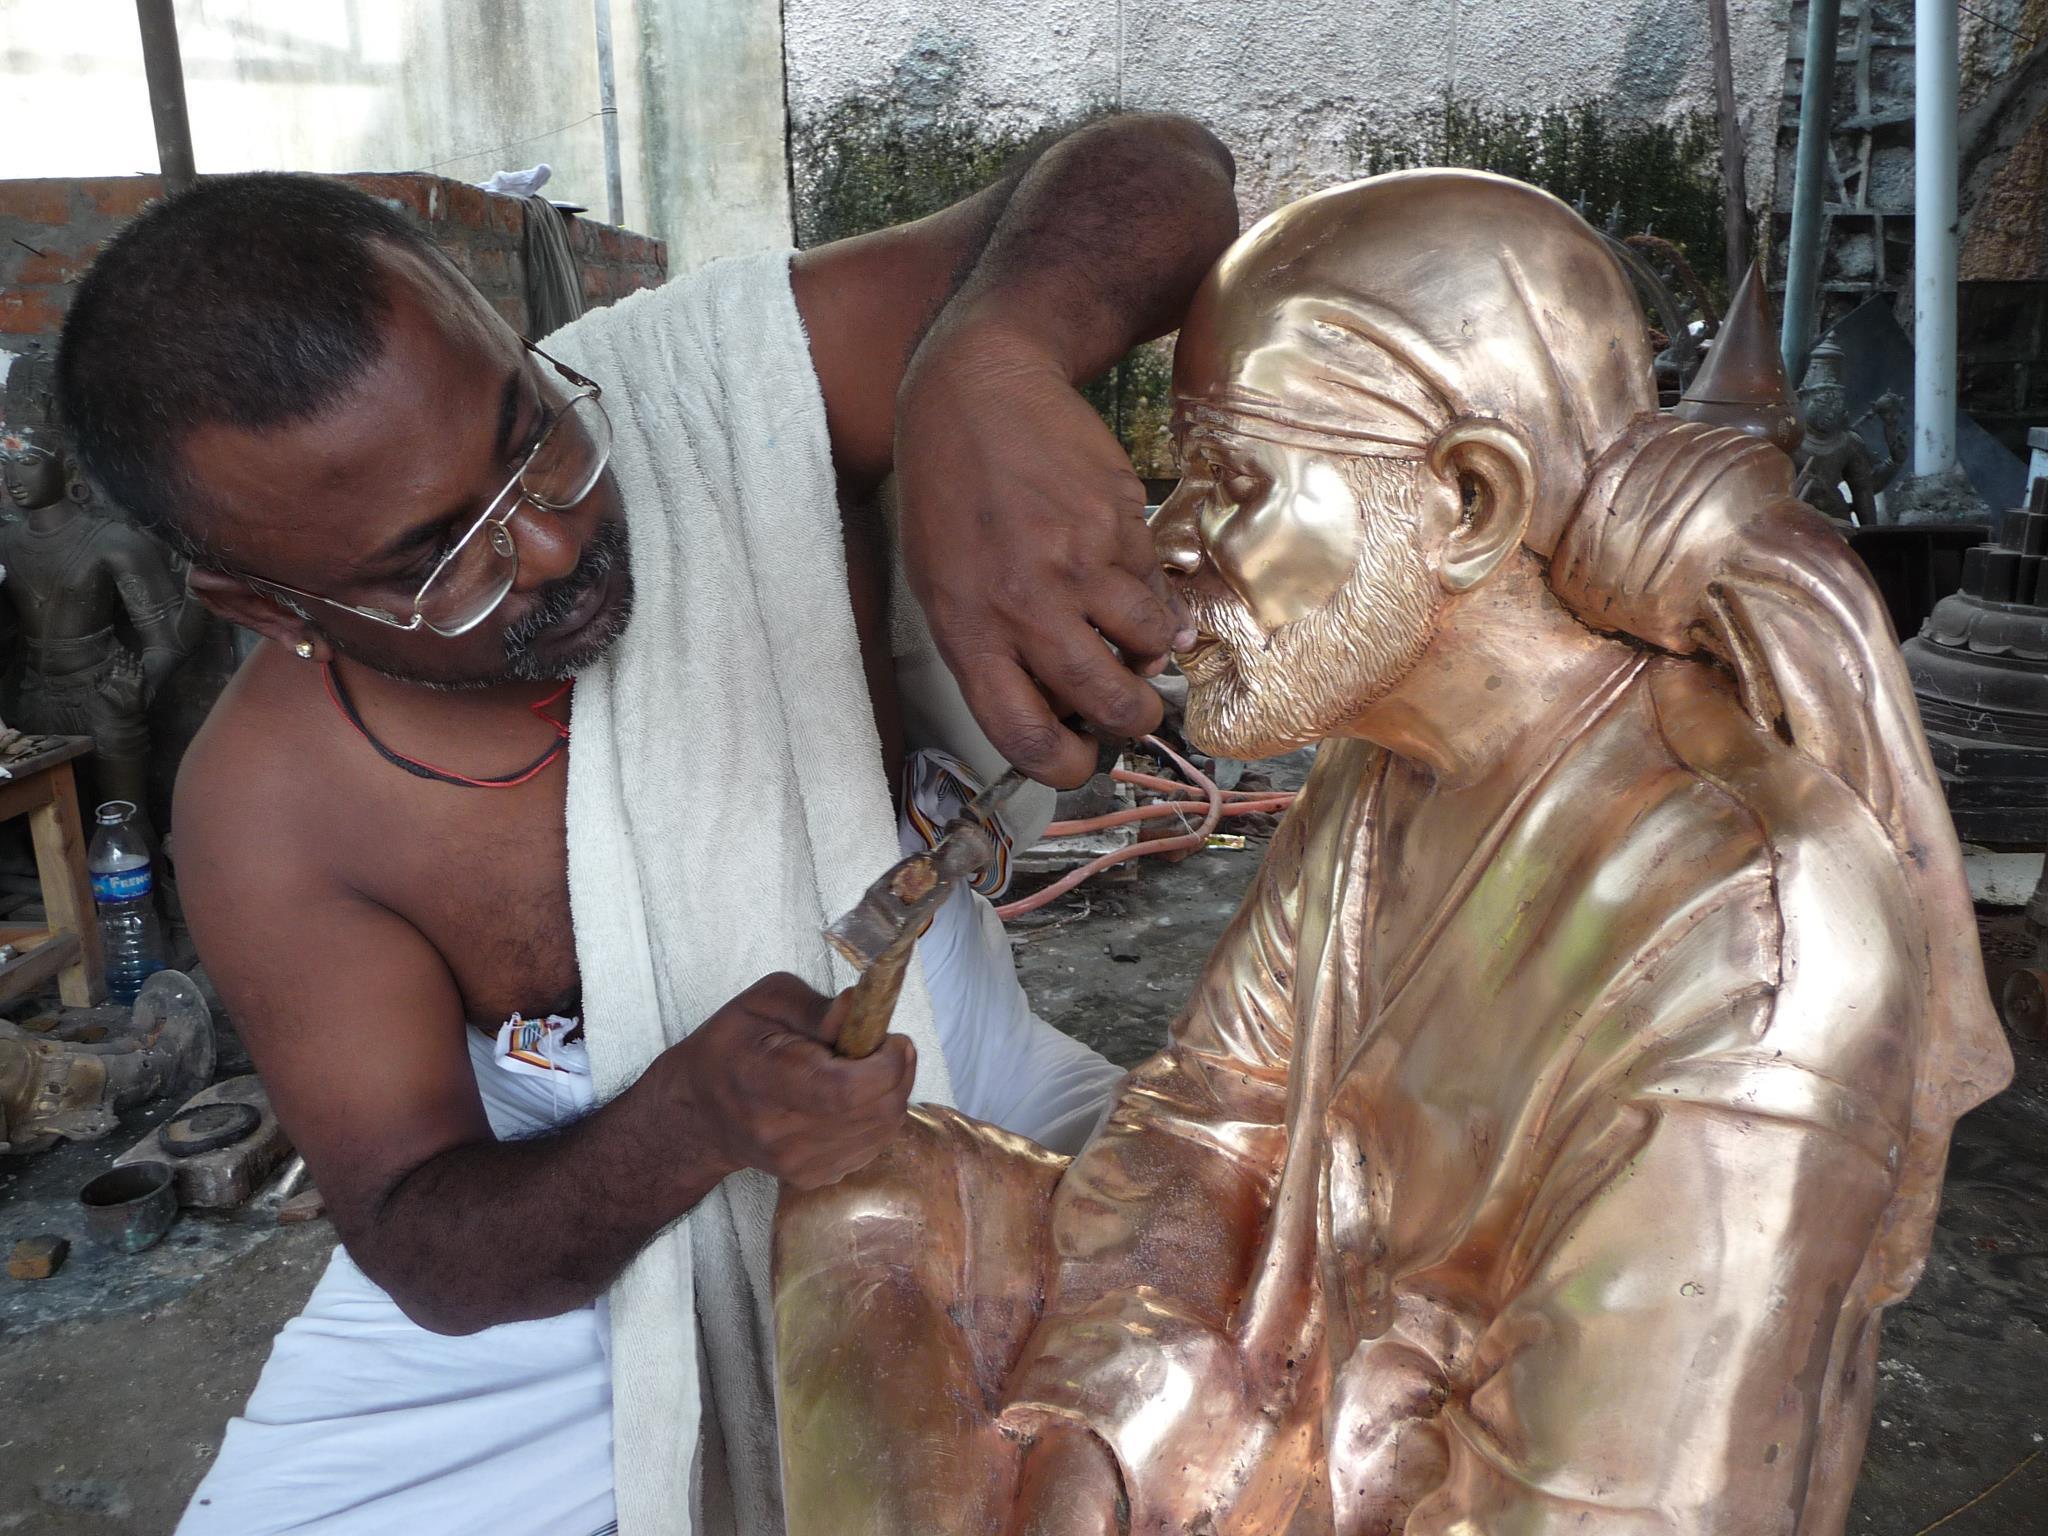 ஆர்.ரவீந்திரன் ஸ்தபதி